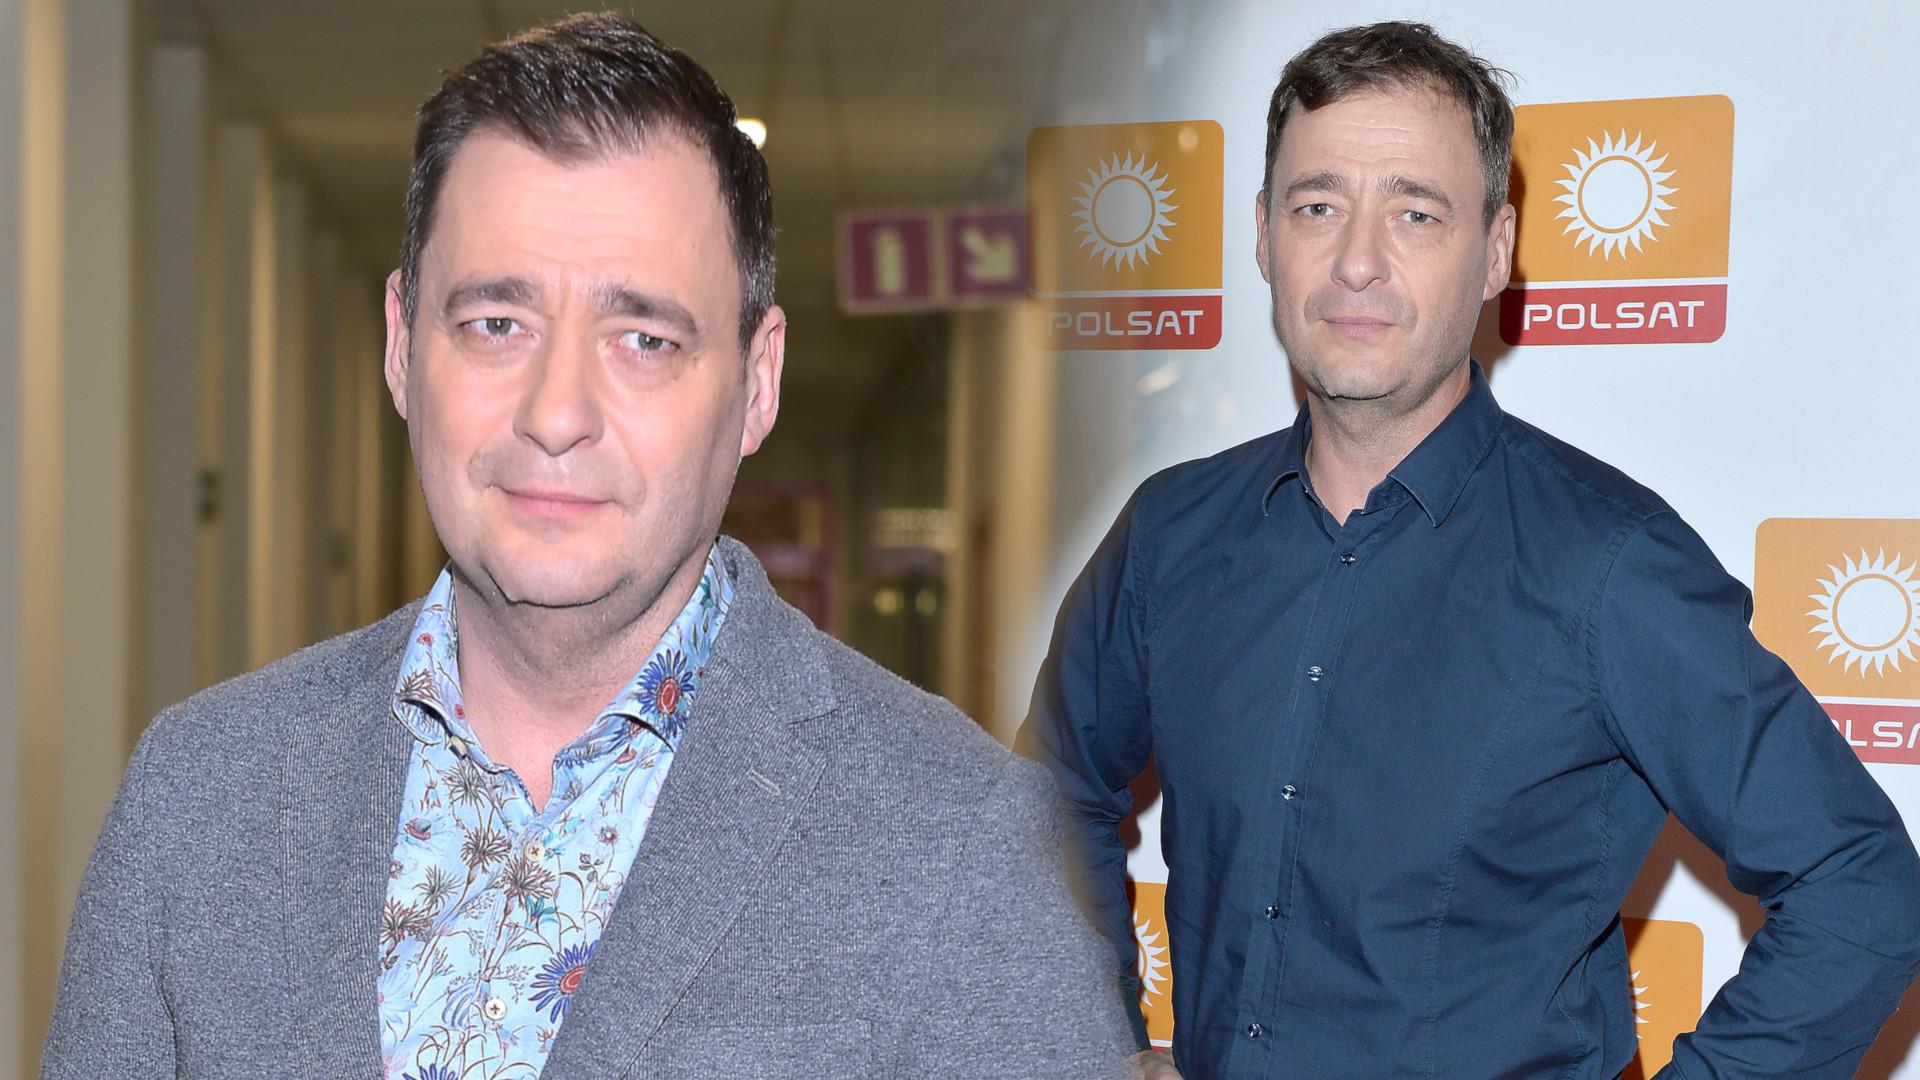 Jacek Rozenek trafił do szpitala w poważnym stanie – przeszedł udar